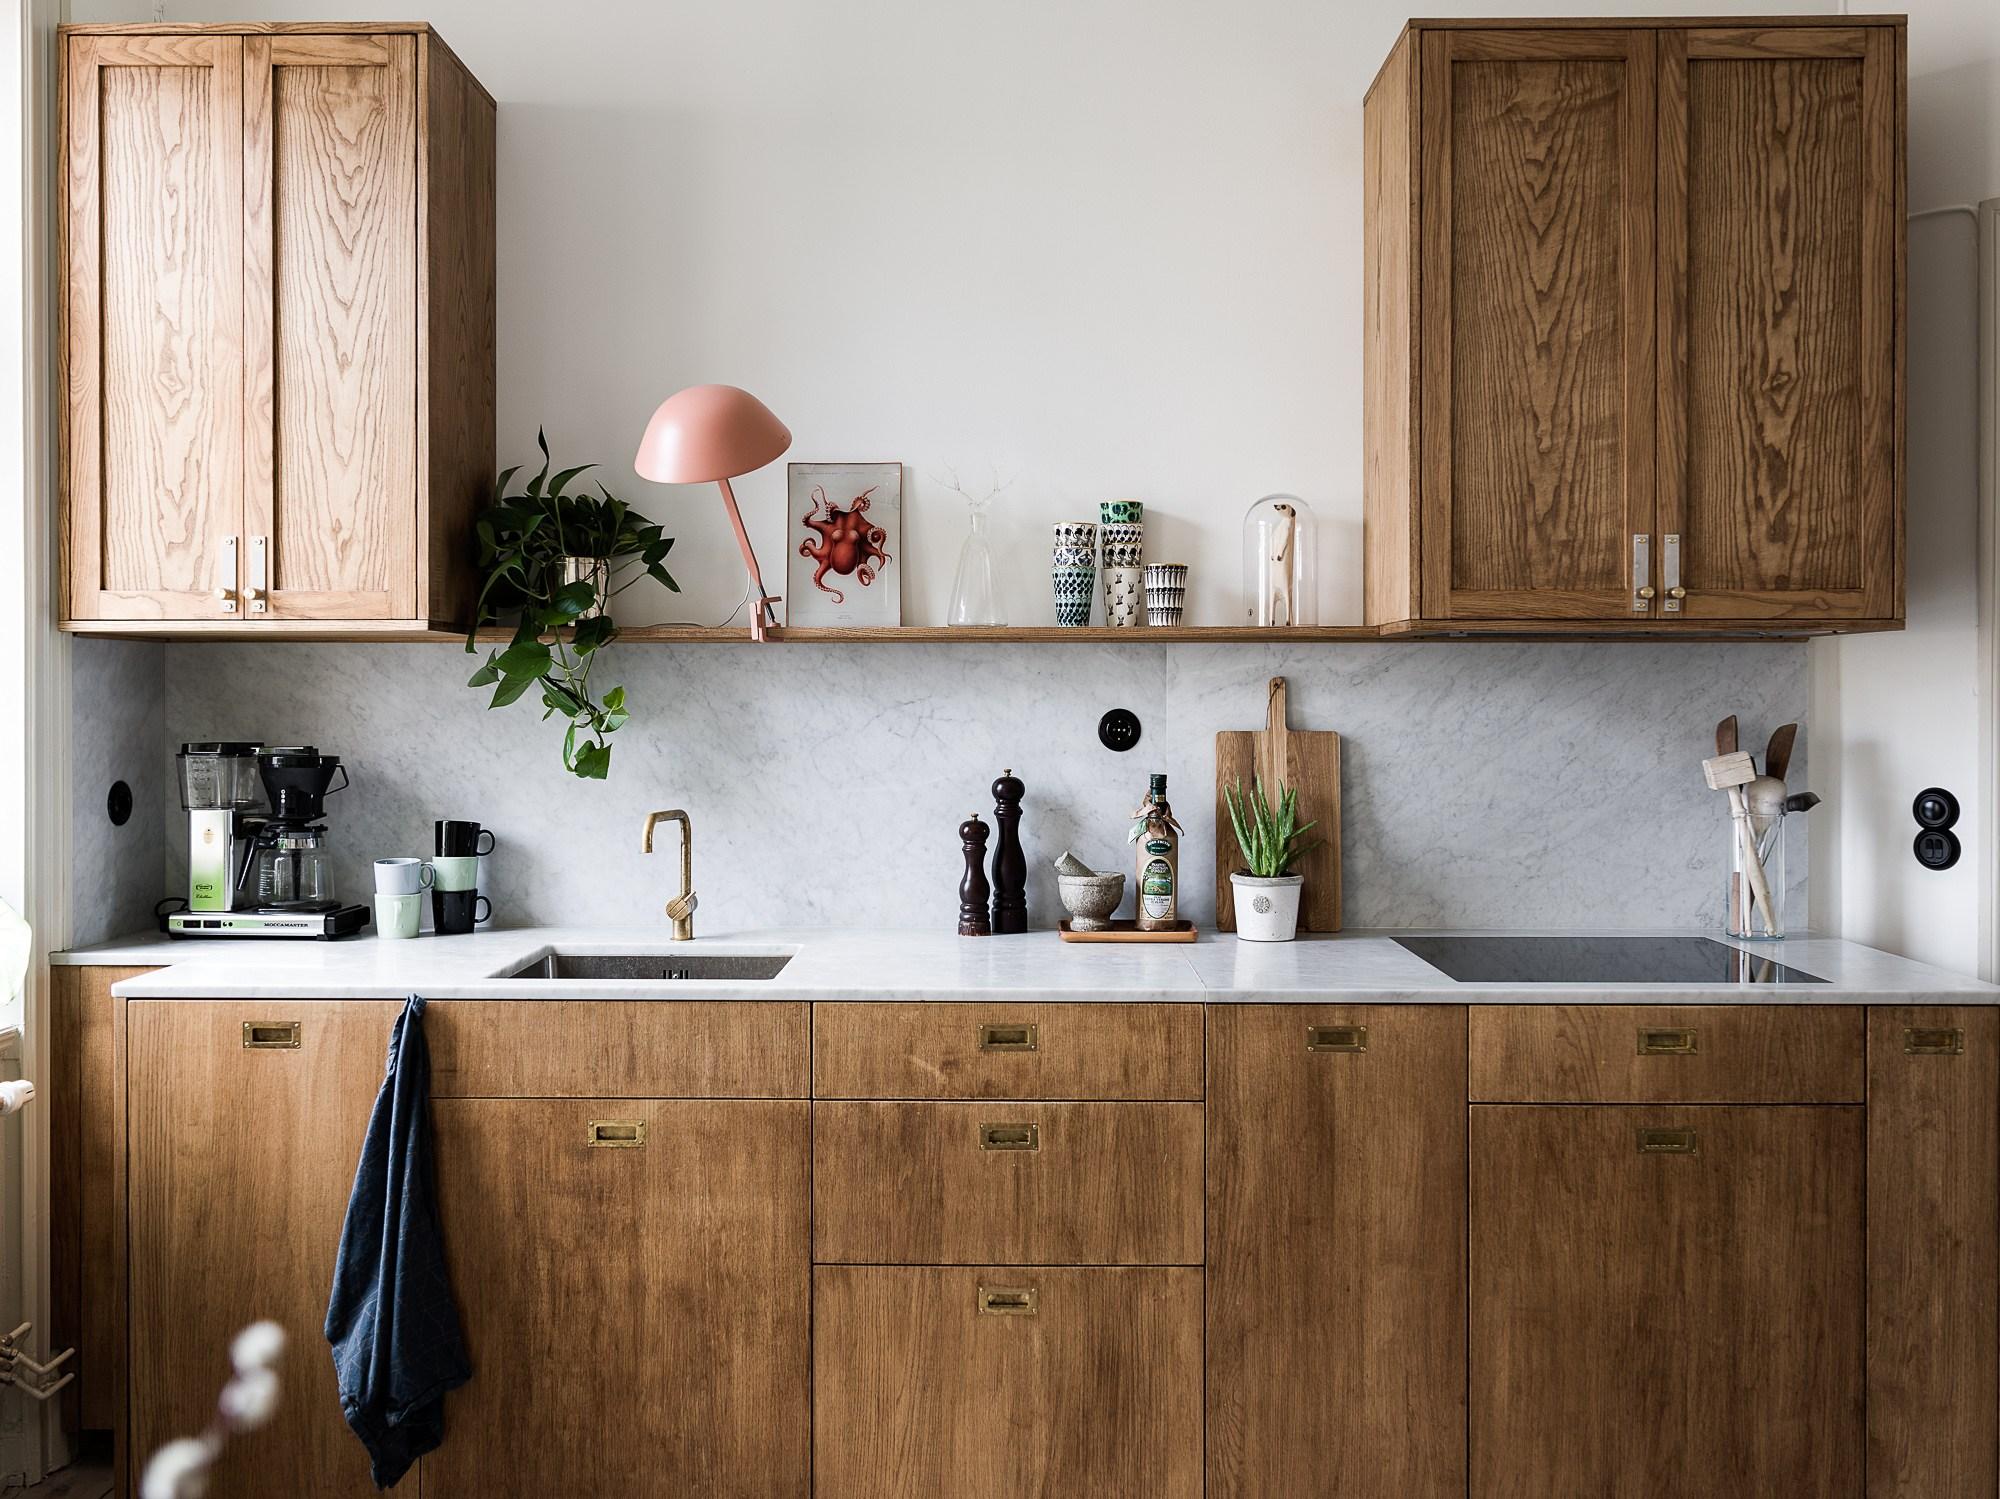 cuisine marbre et bois déco blog Lili in Wonderland